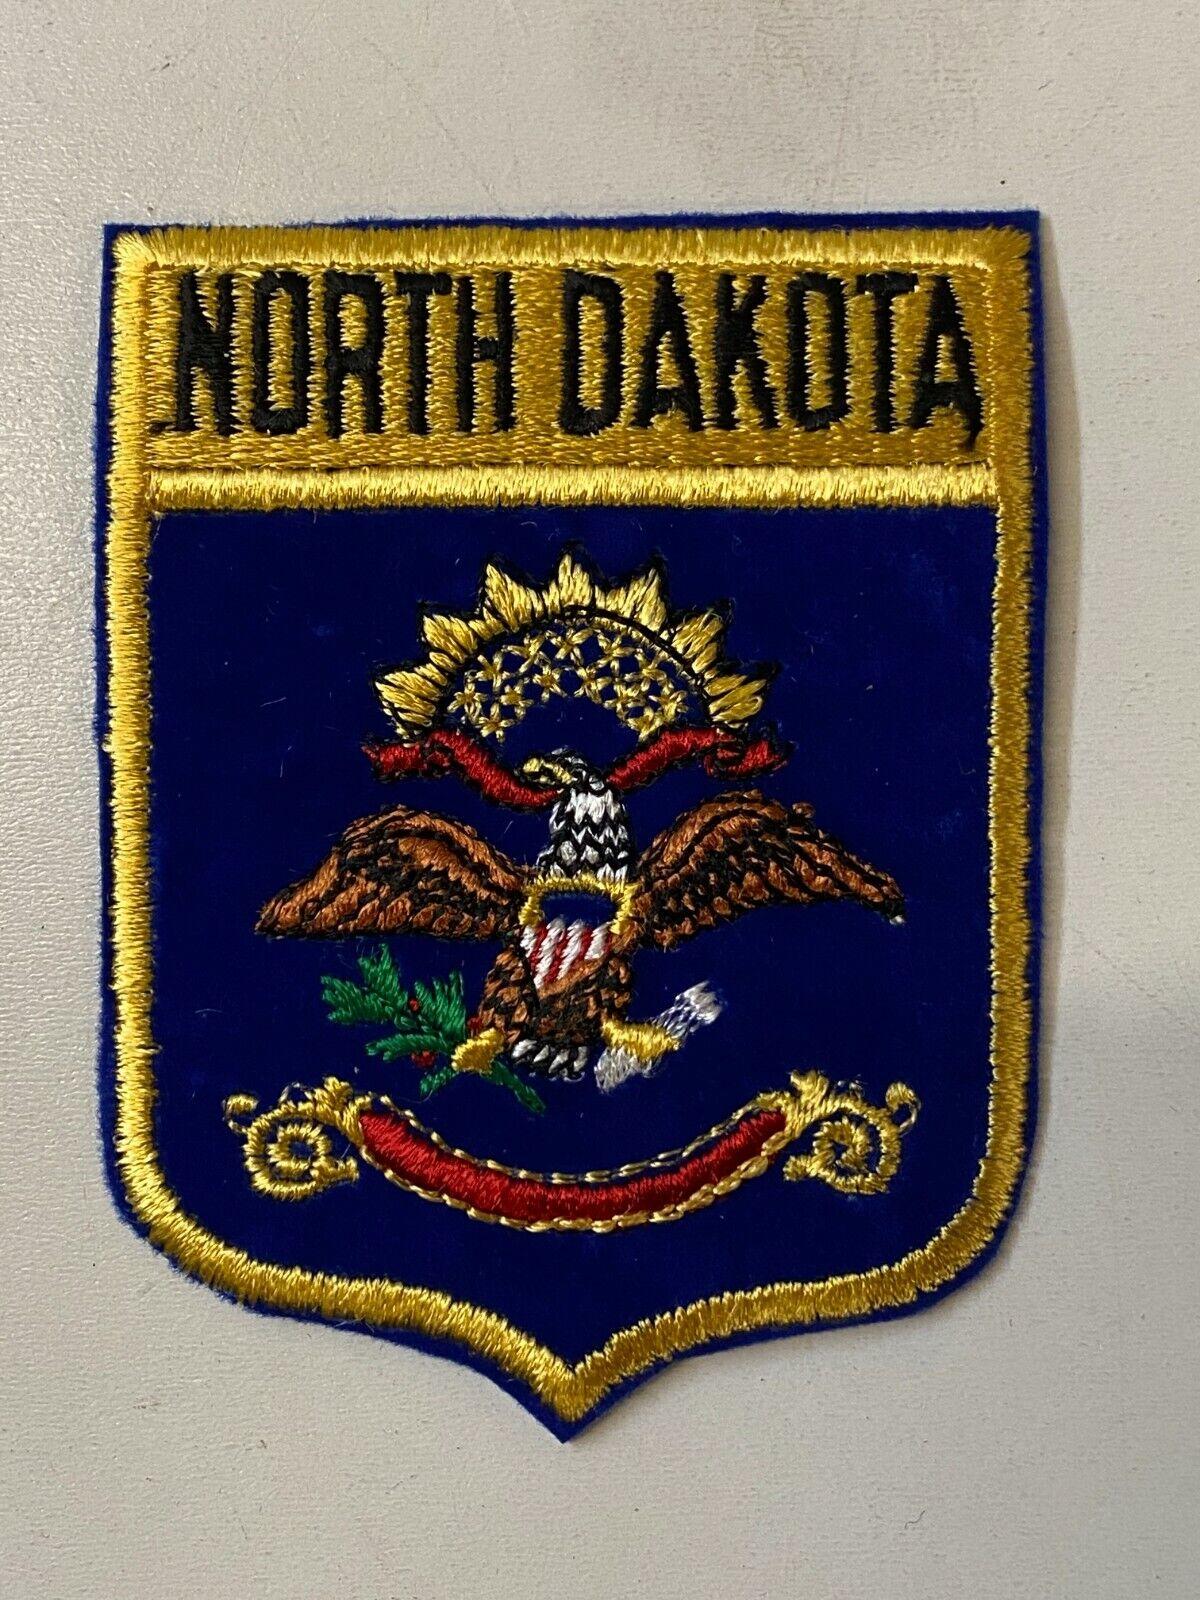 North Dakota Aufnäher, USA US Bundesstaaten Aufbügler, Patch, ca 9,5x7,5 cm